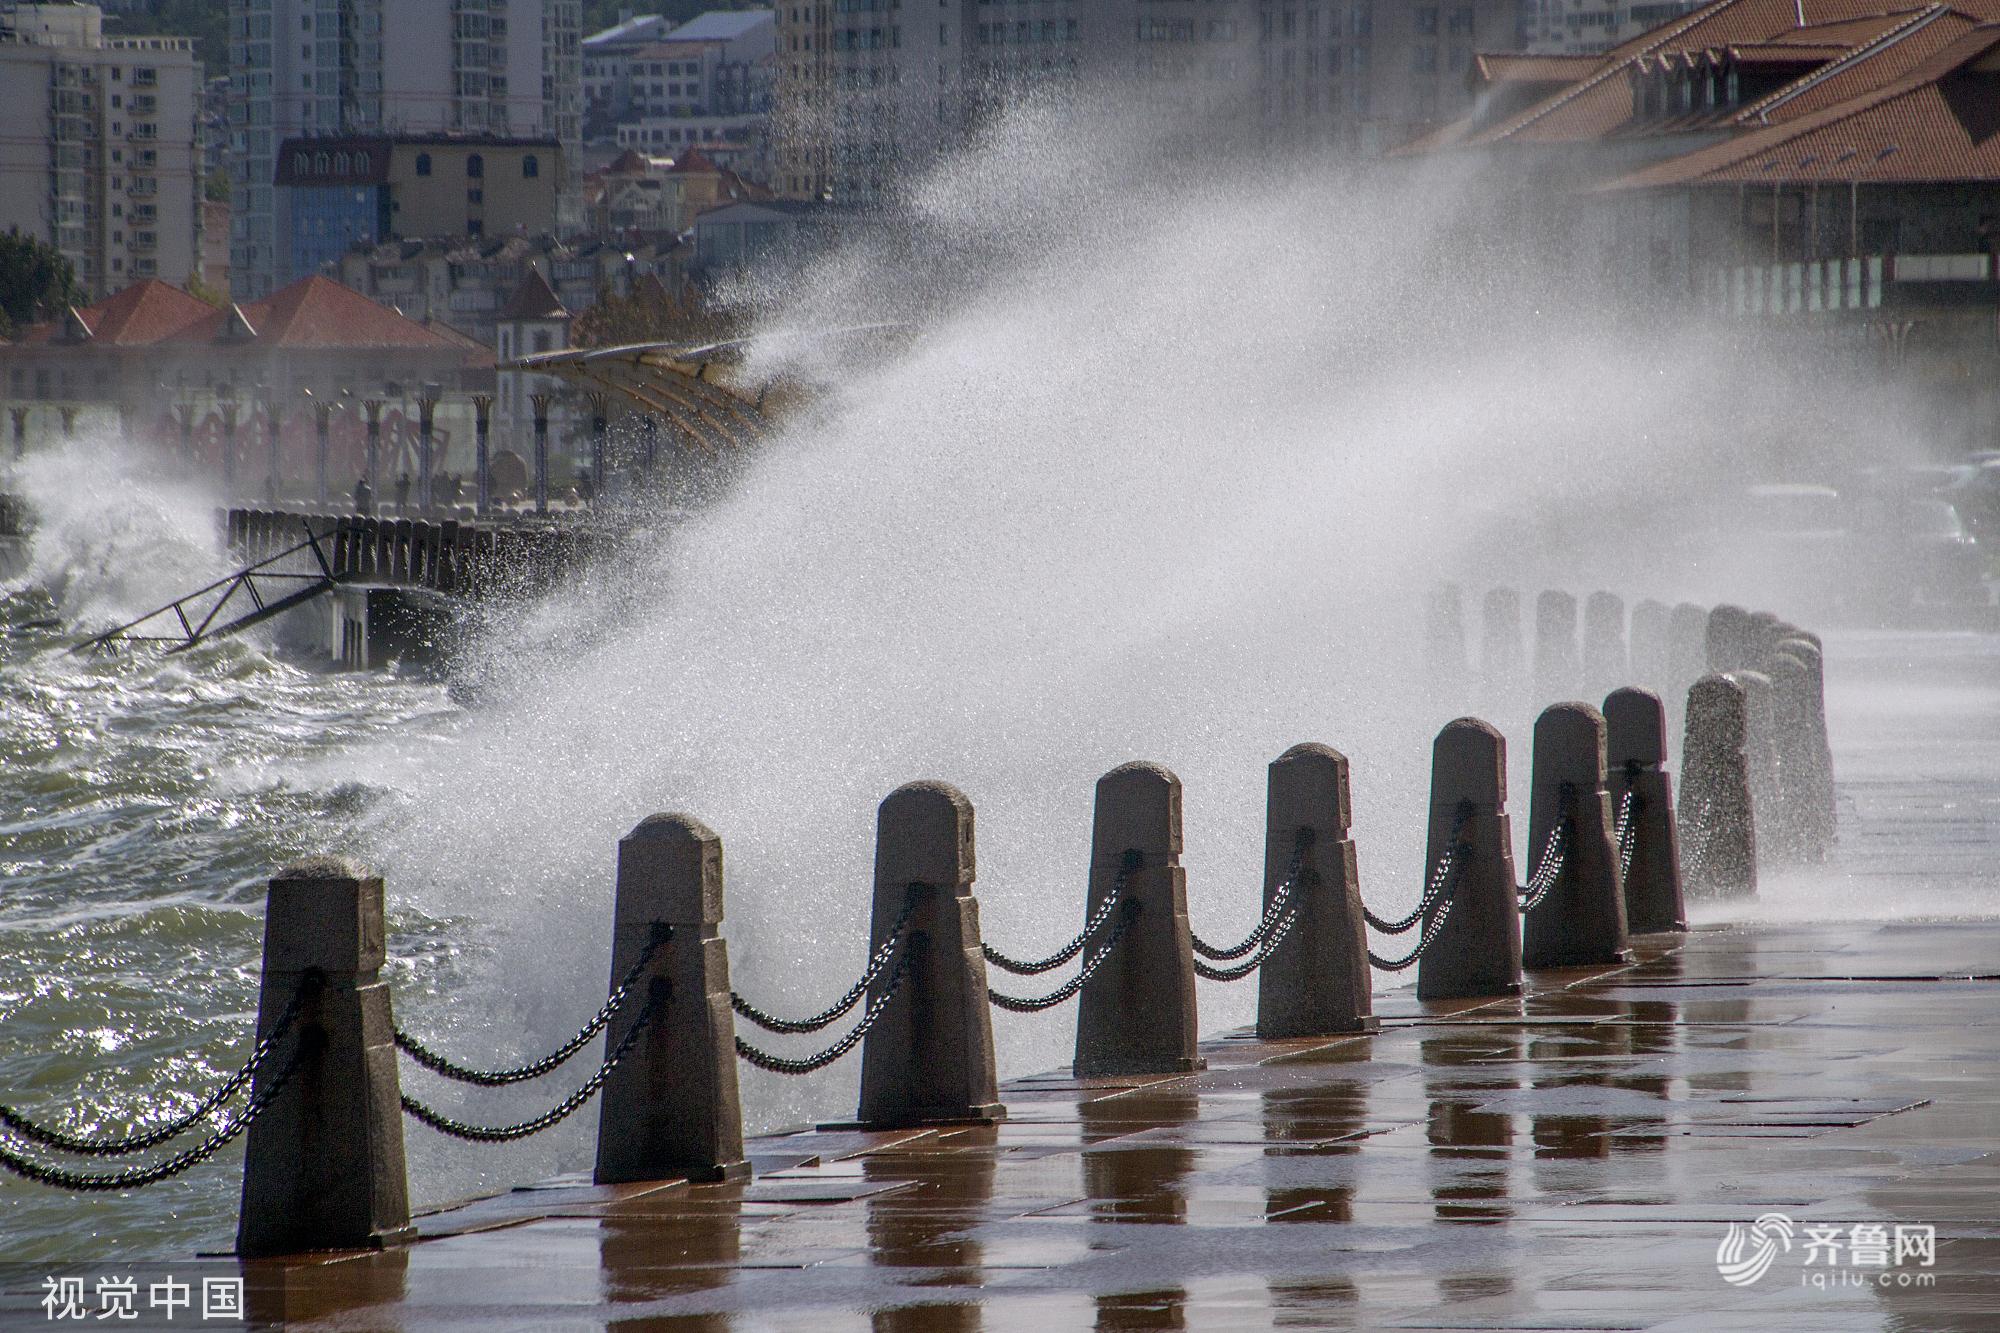 山东烟台:沿海出现大风天气 海滨现惊涛拍岸画面